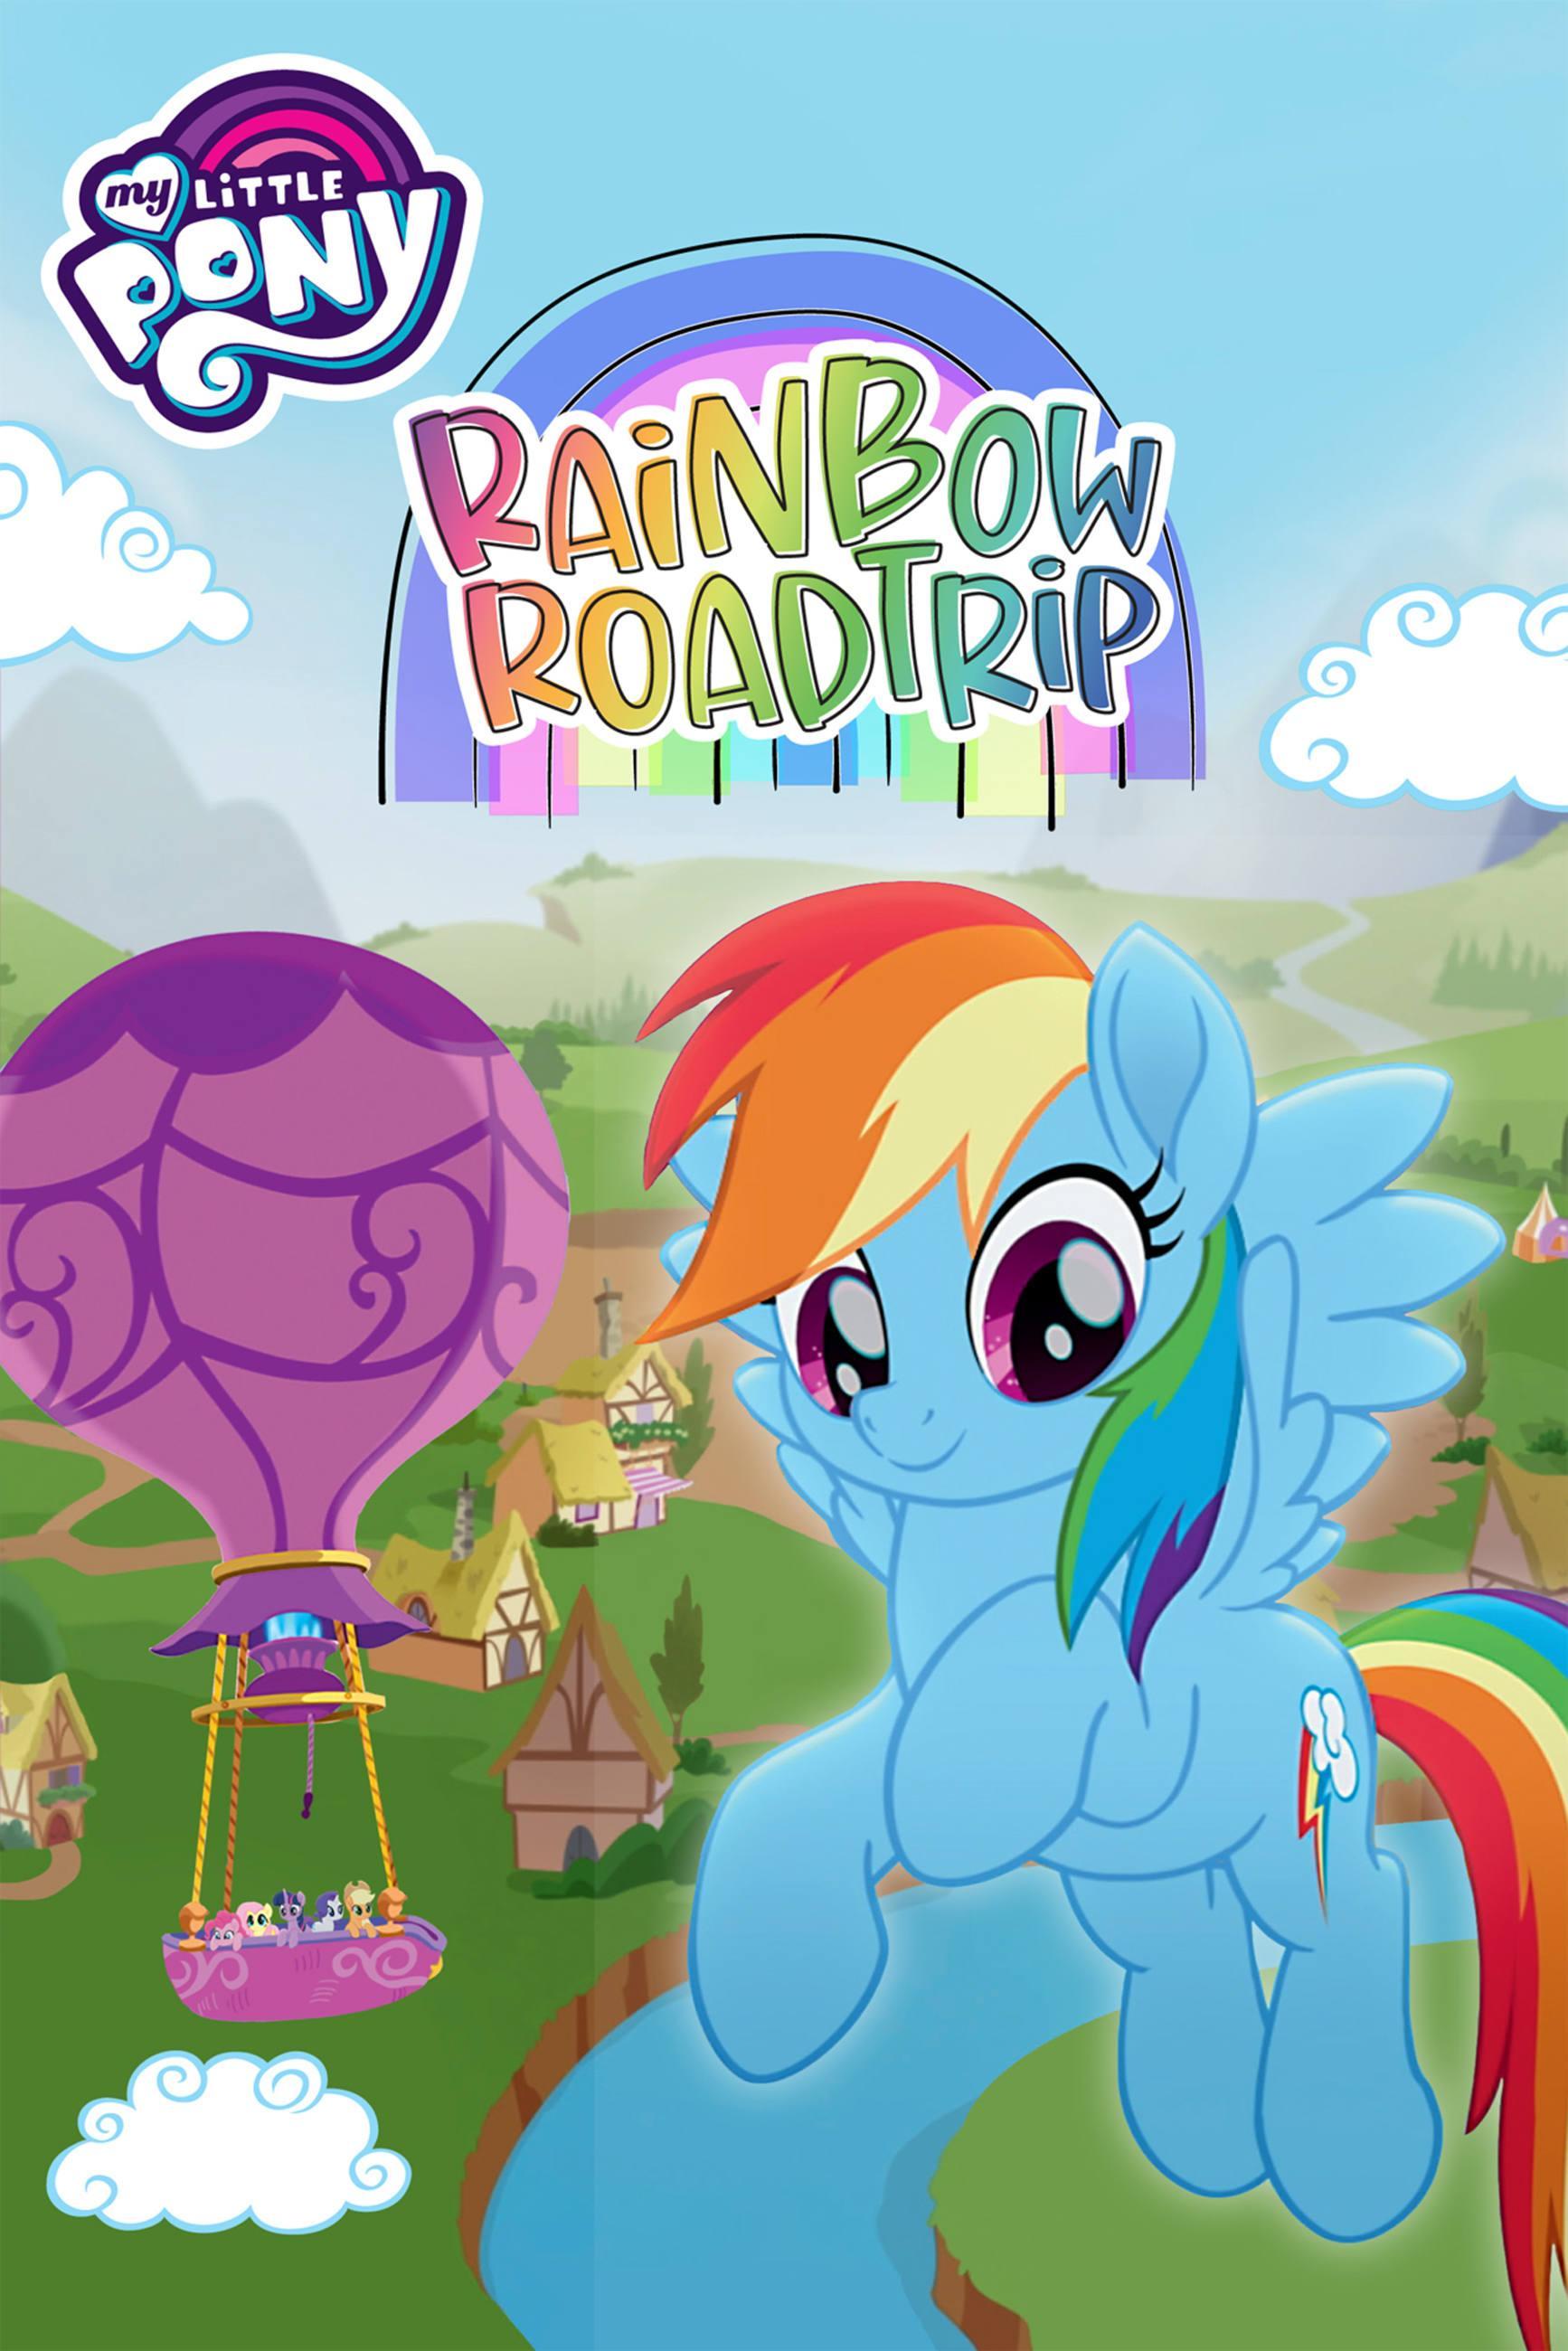 My Little Pony Rainbow Roadtrip Tv Movie 2019 Imdb